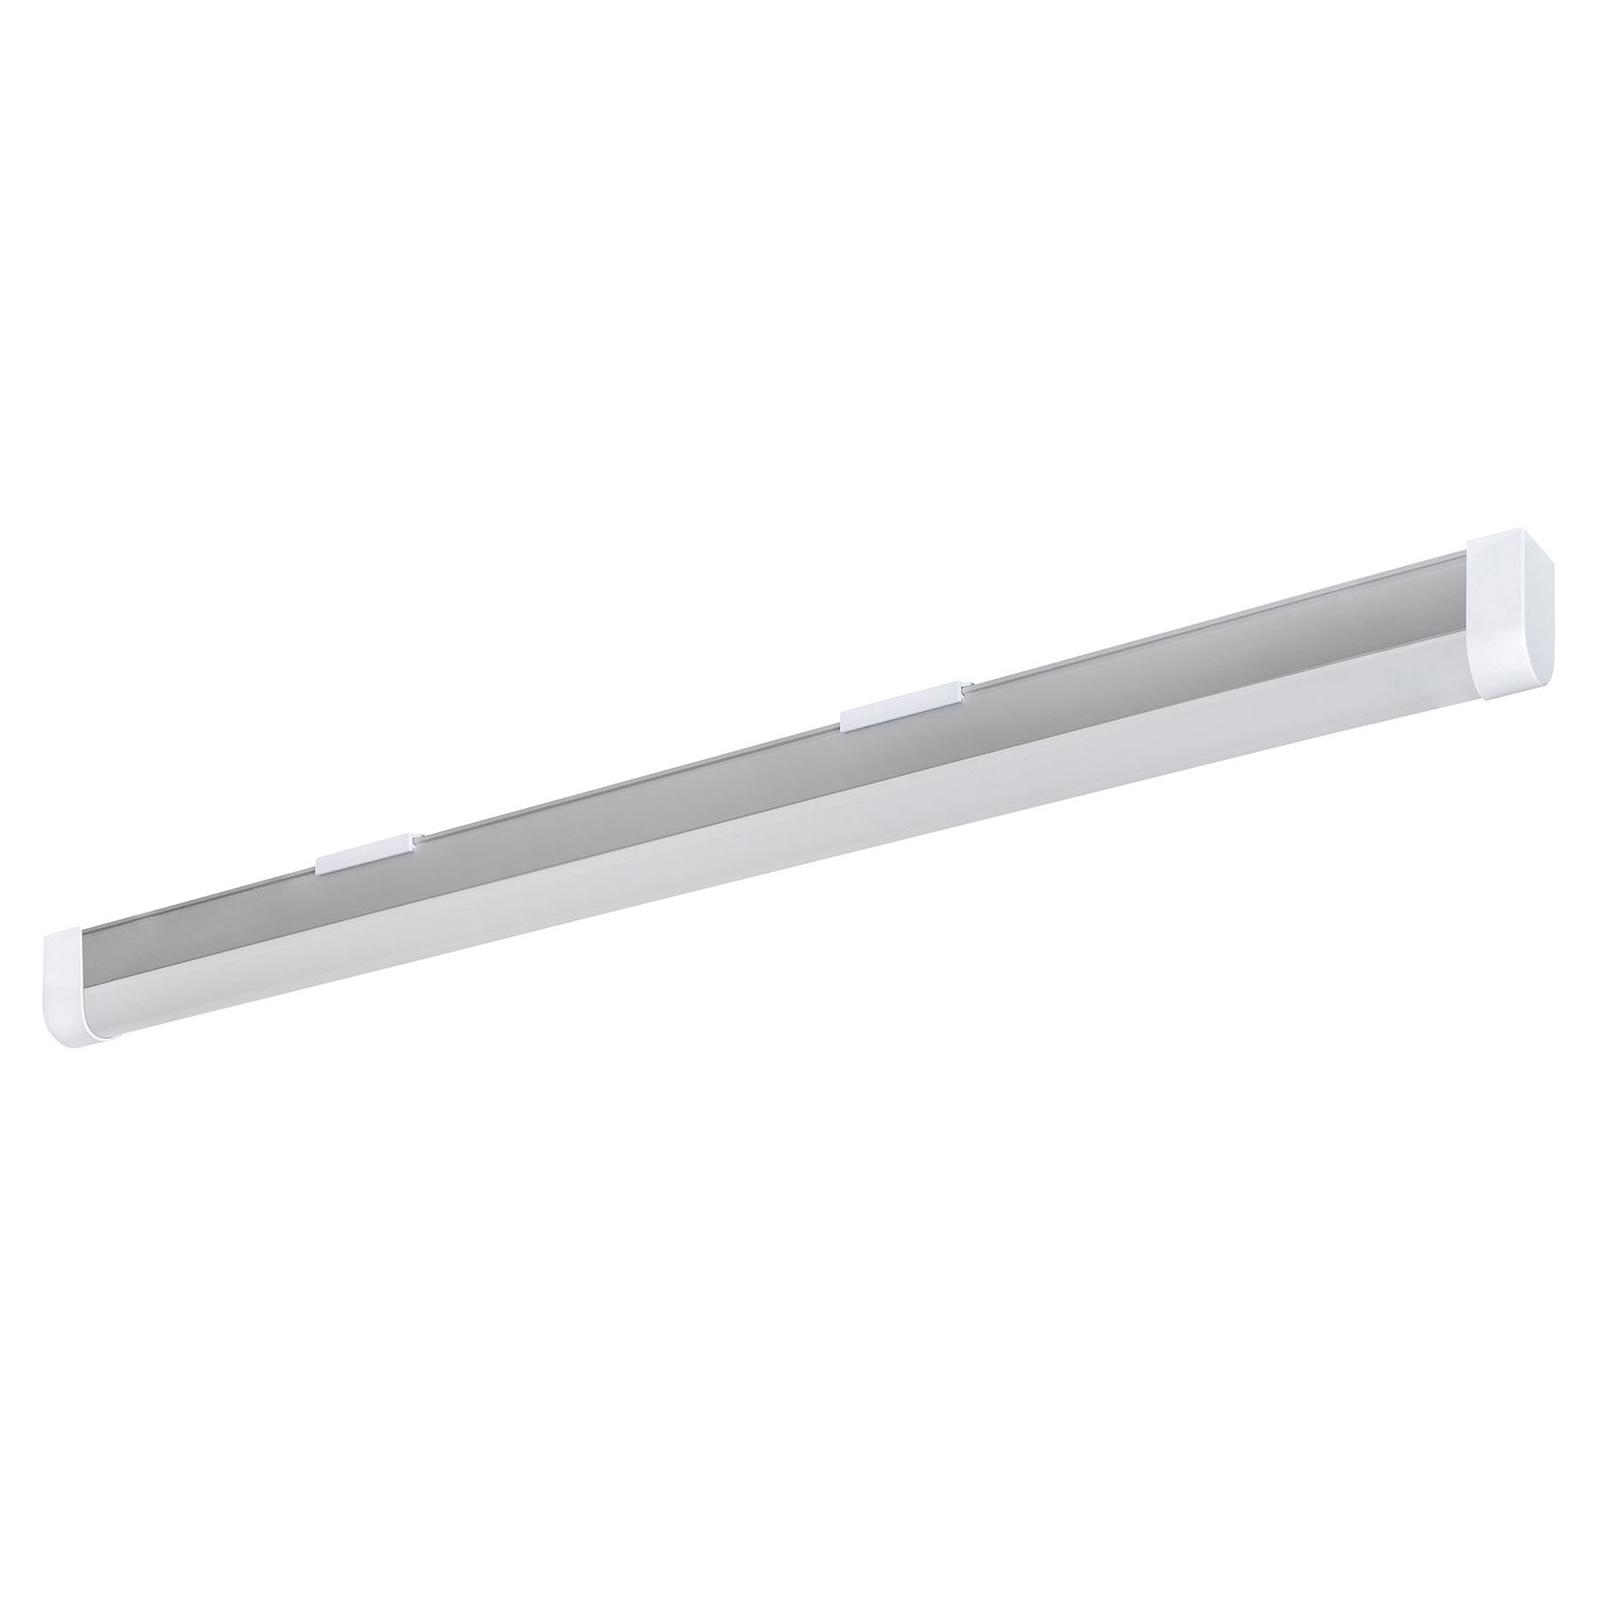 Müller Licht Ecoline 60 LED-Deckenleuchte